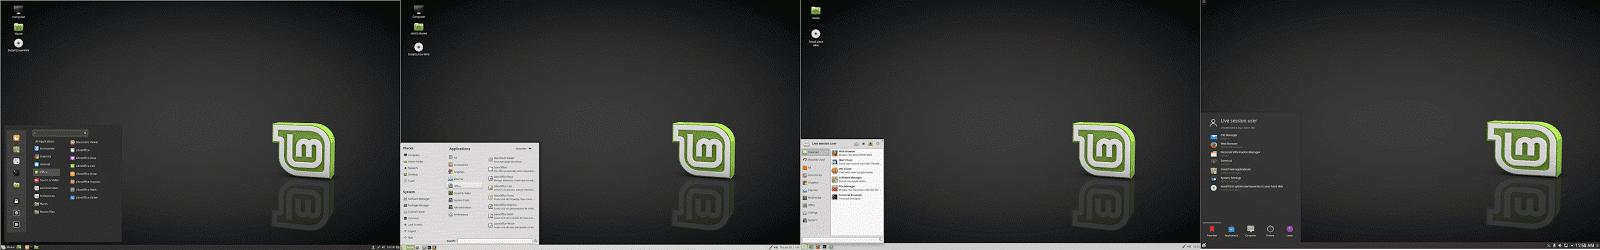 Linux Mint - Edições do Linux Mint